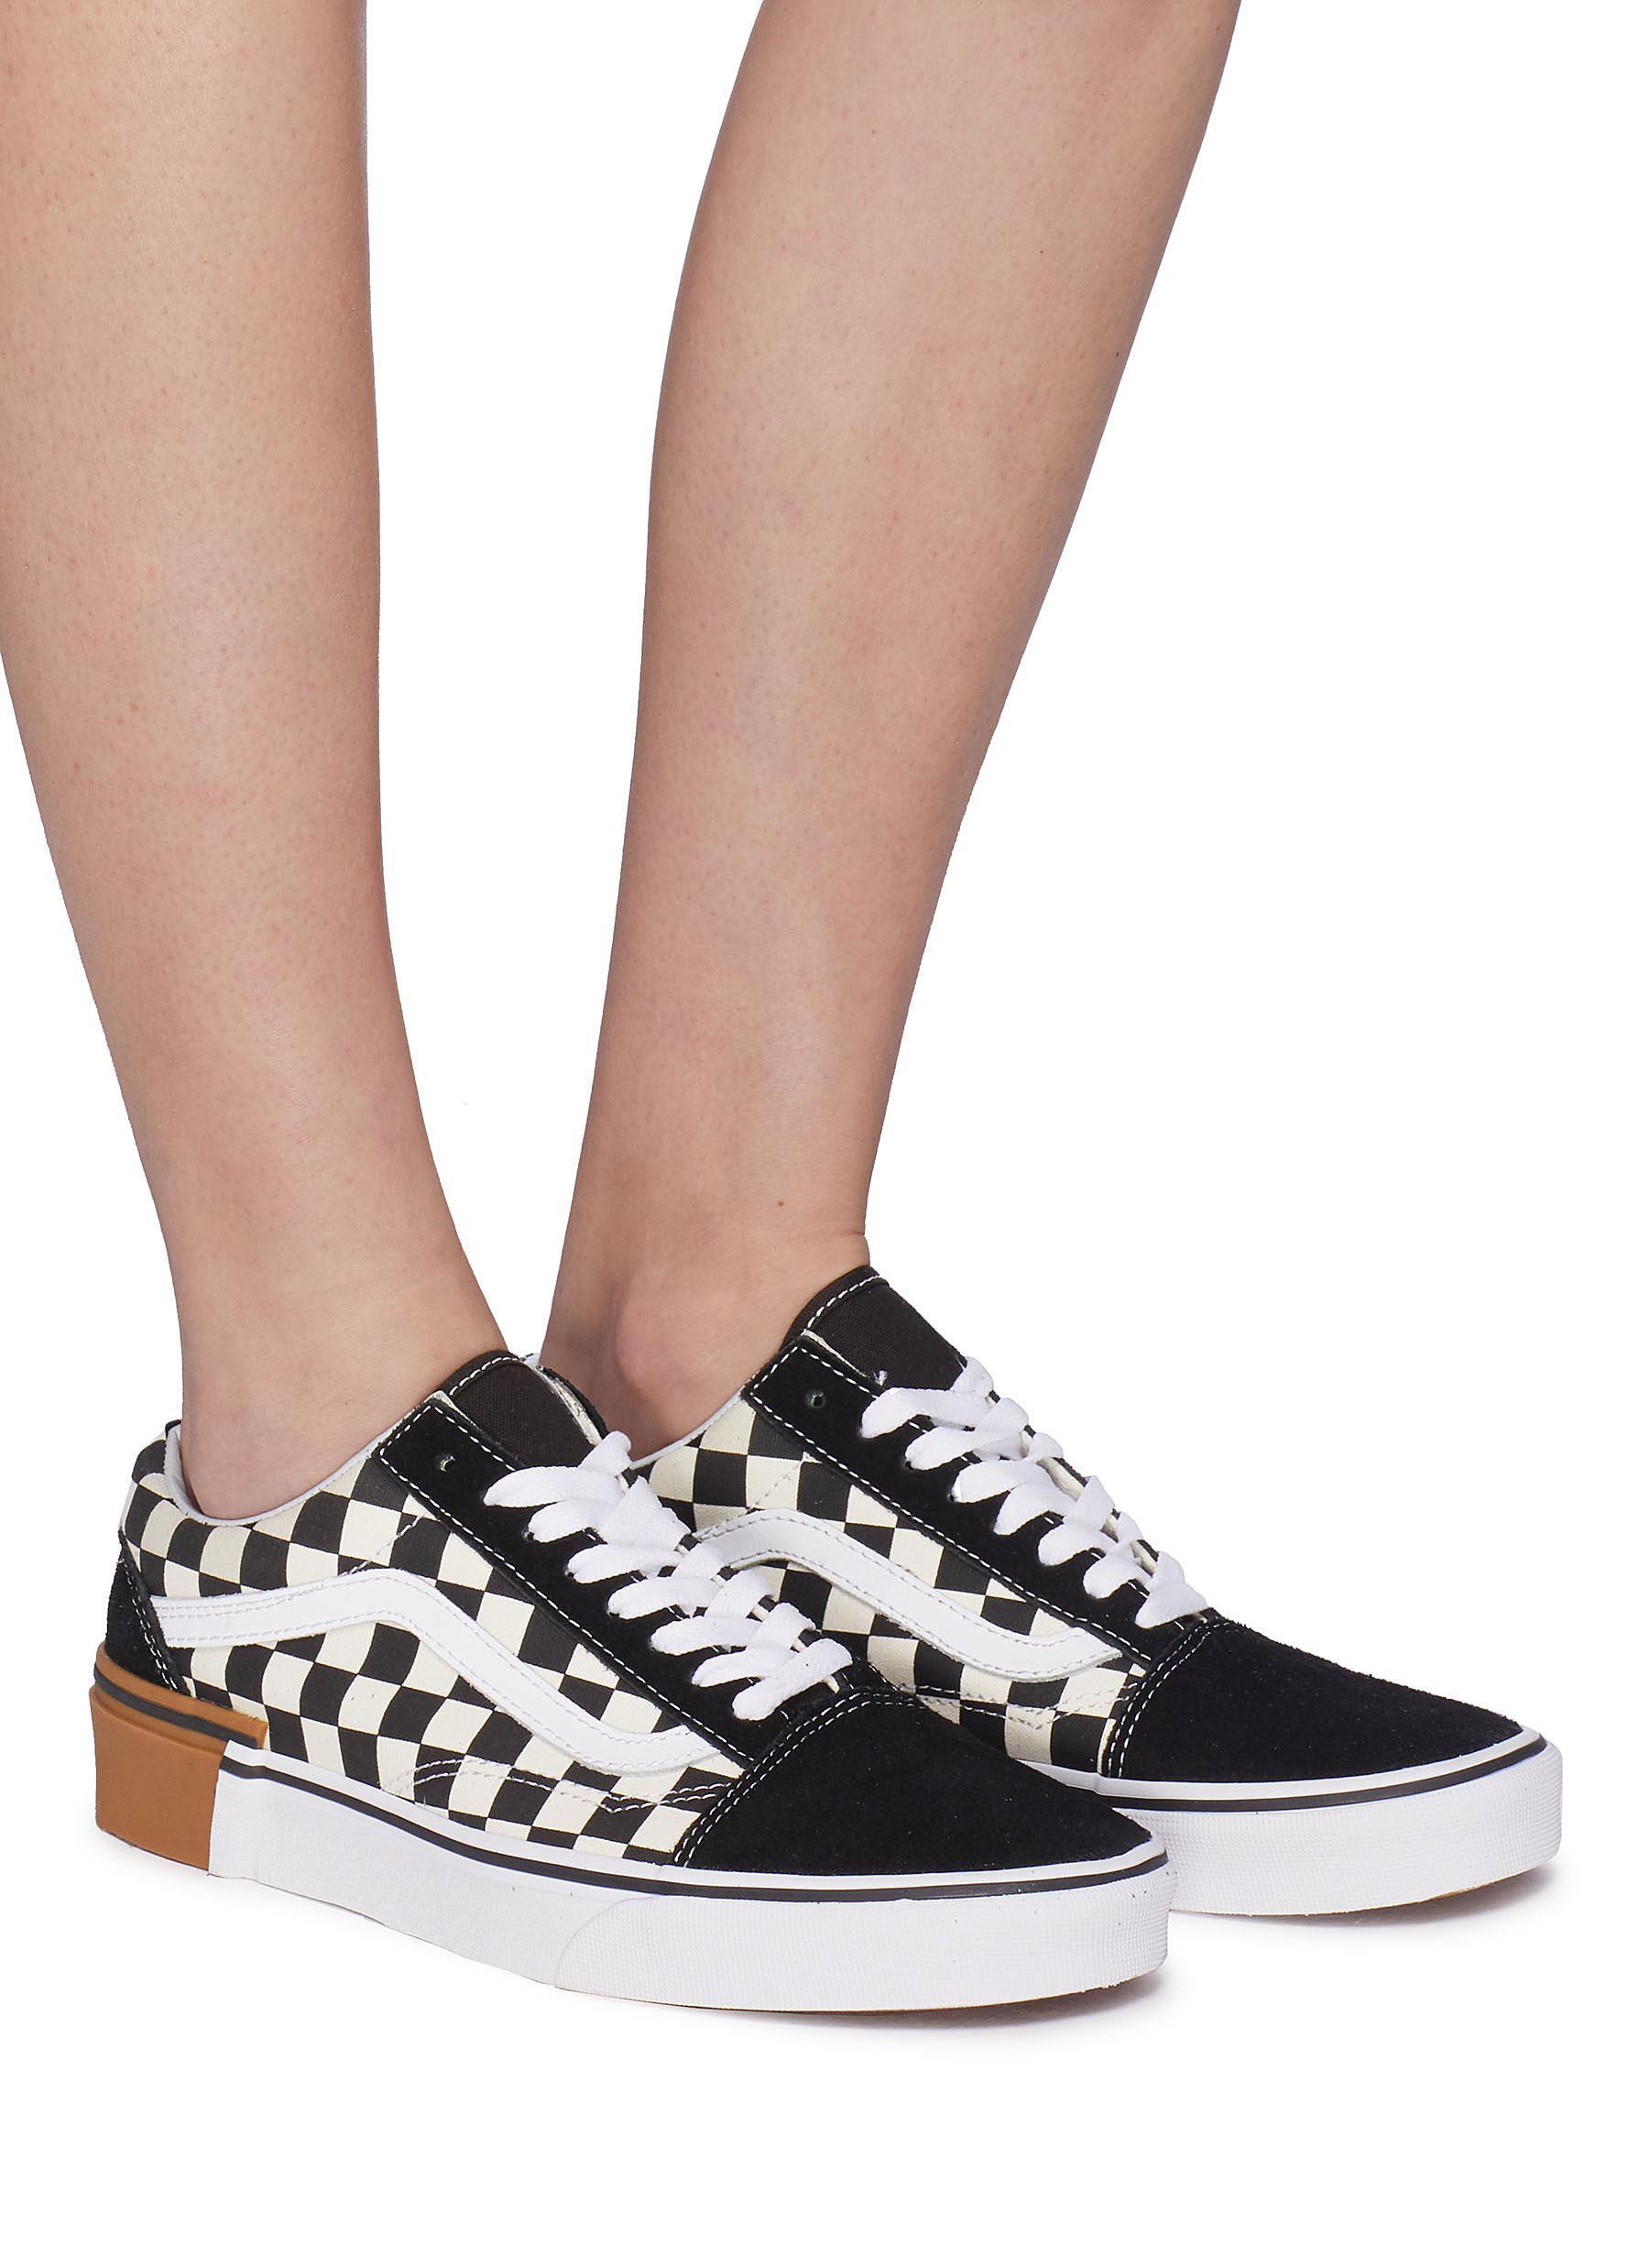 VANS OLD SKOOL Suede Gum Block Shoes Checkerboard